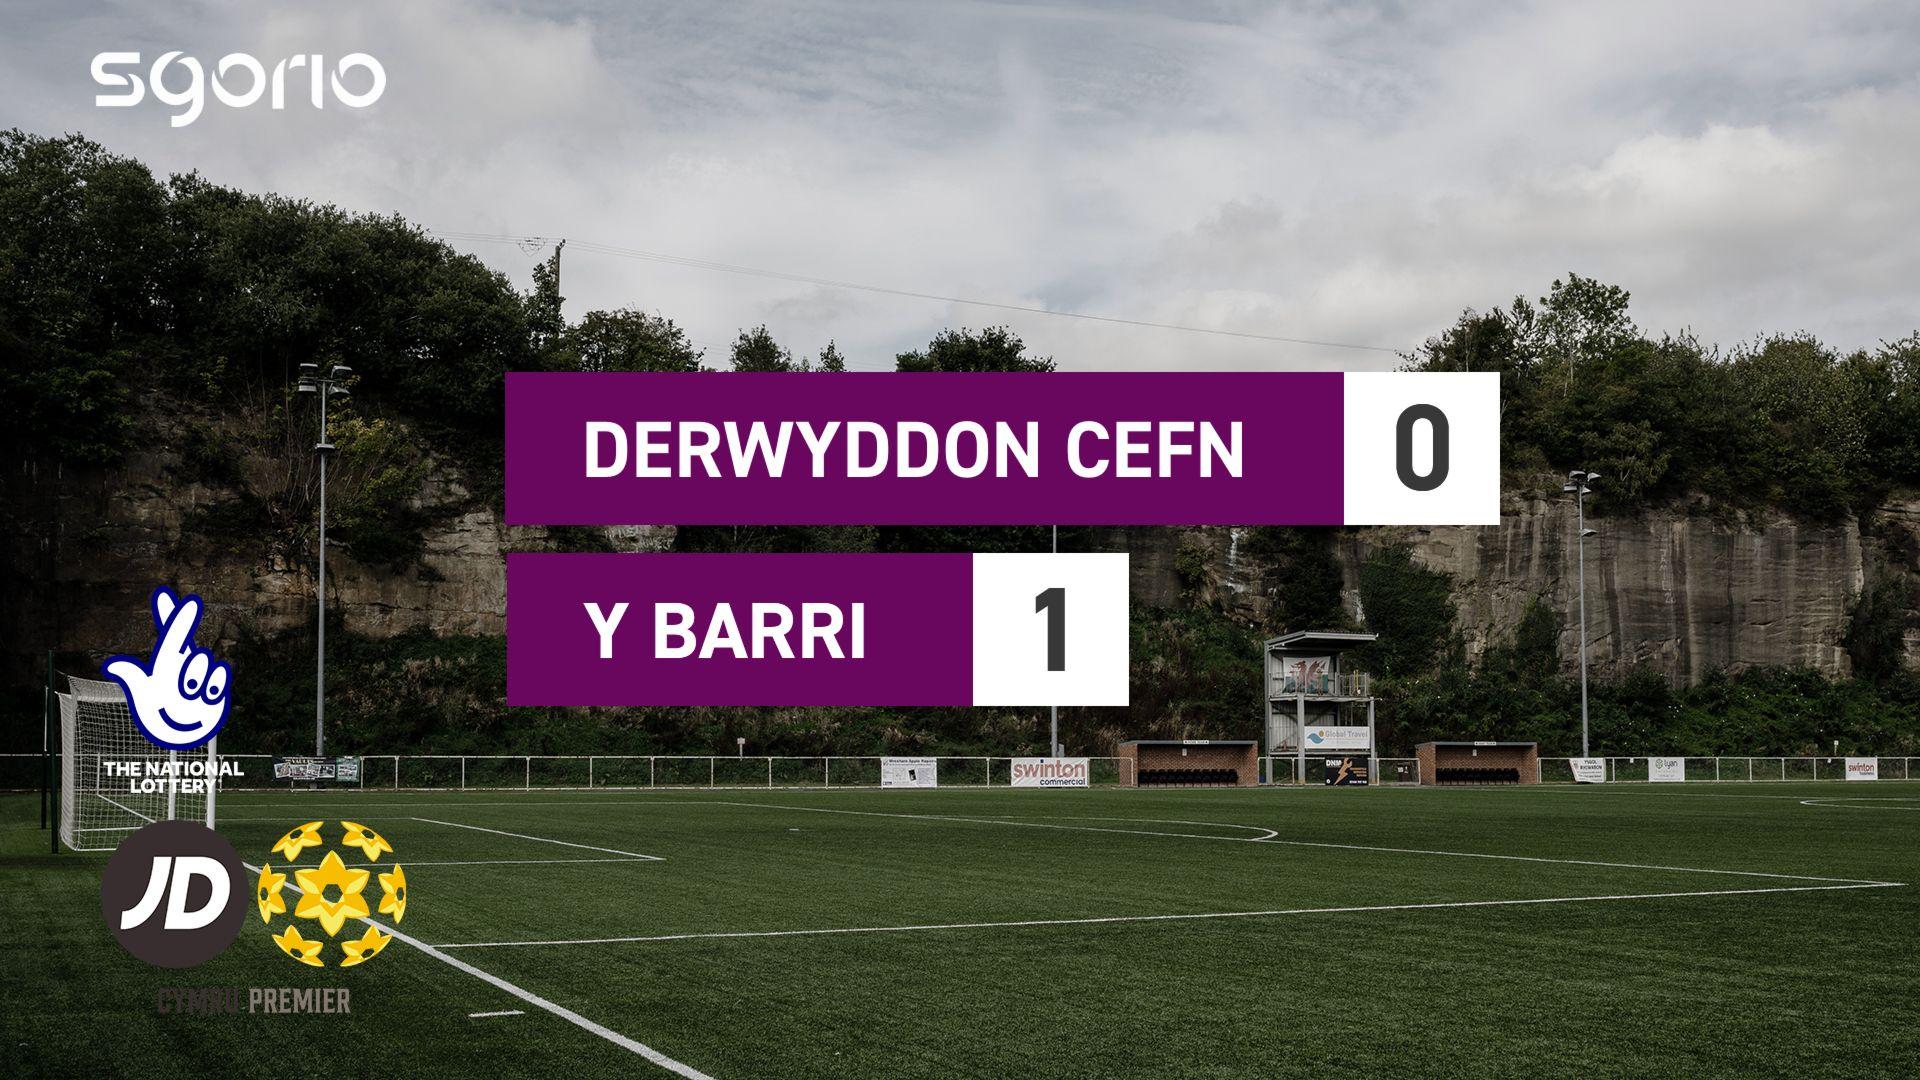 Derwyddon Cefn 0-1 Y Barri